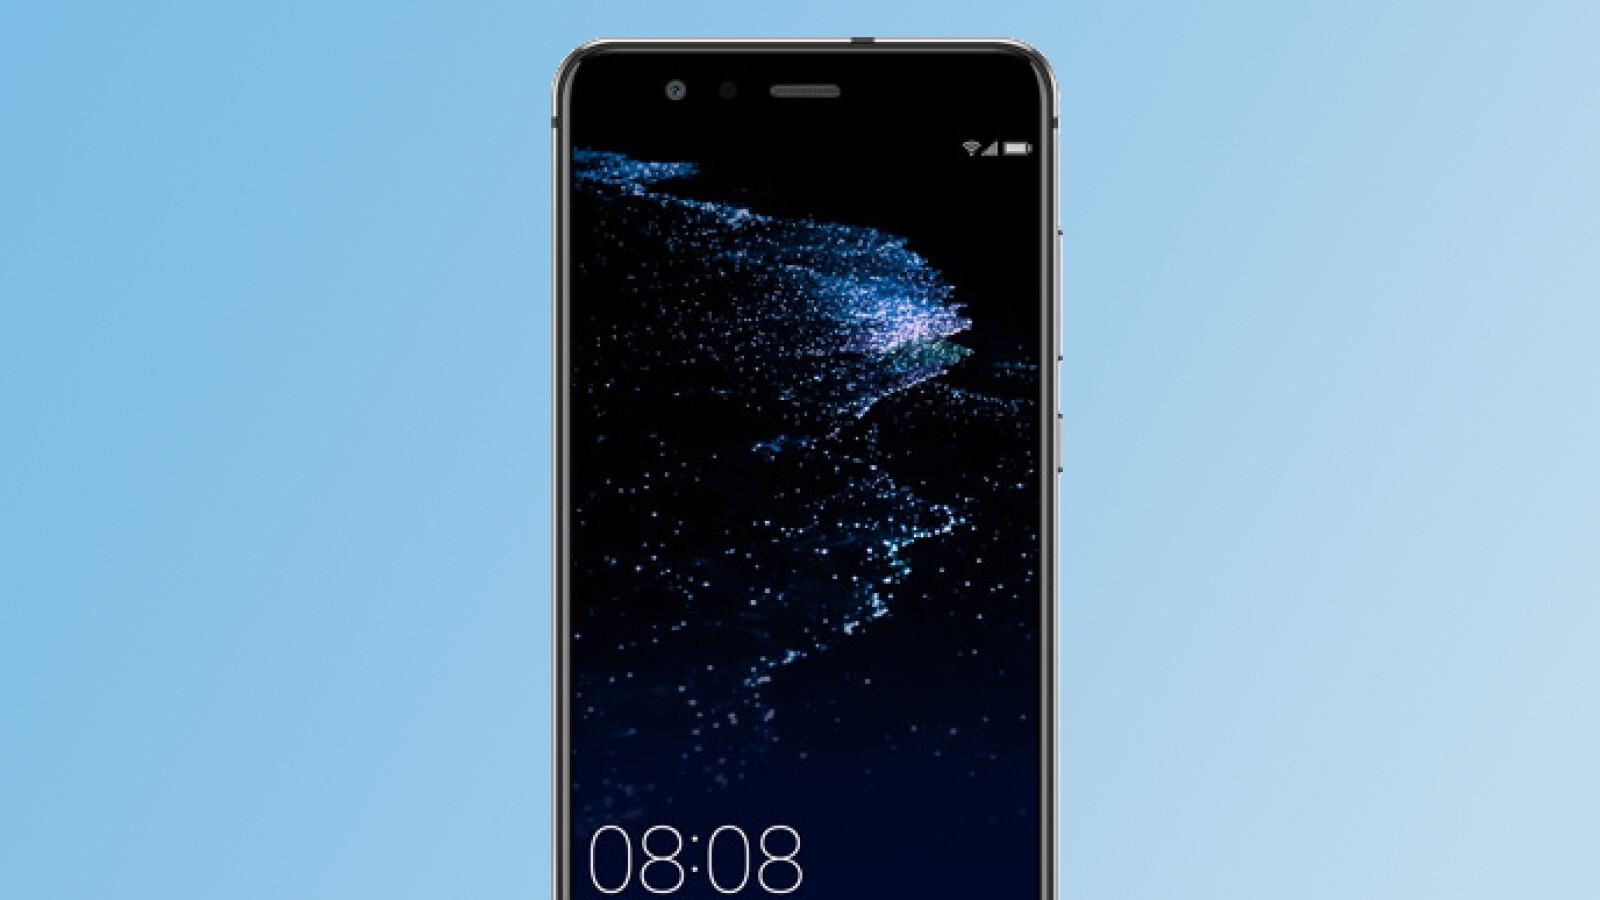 Huawei P10 Sim Karte Einlegen.Huawei P10 Lite Technische Daten Farben Preis Netzwelt